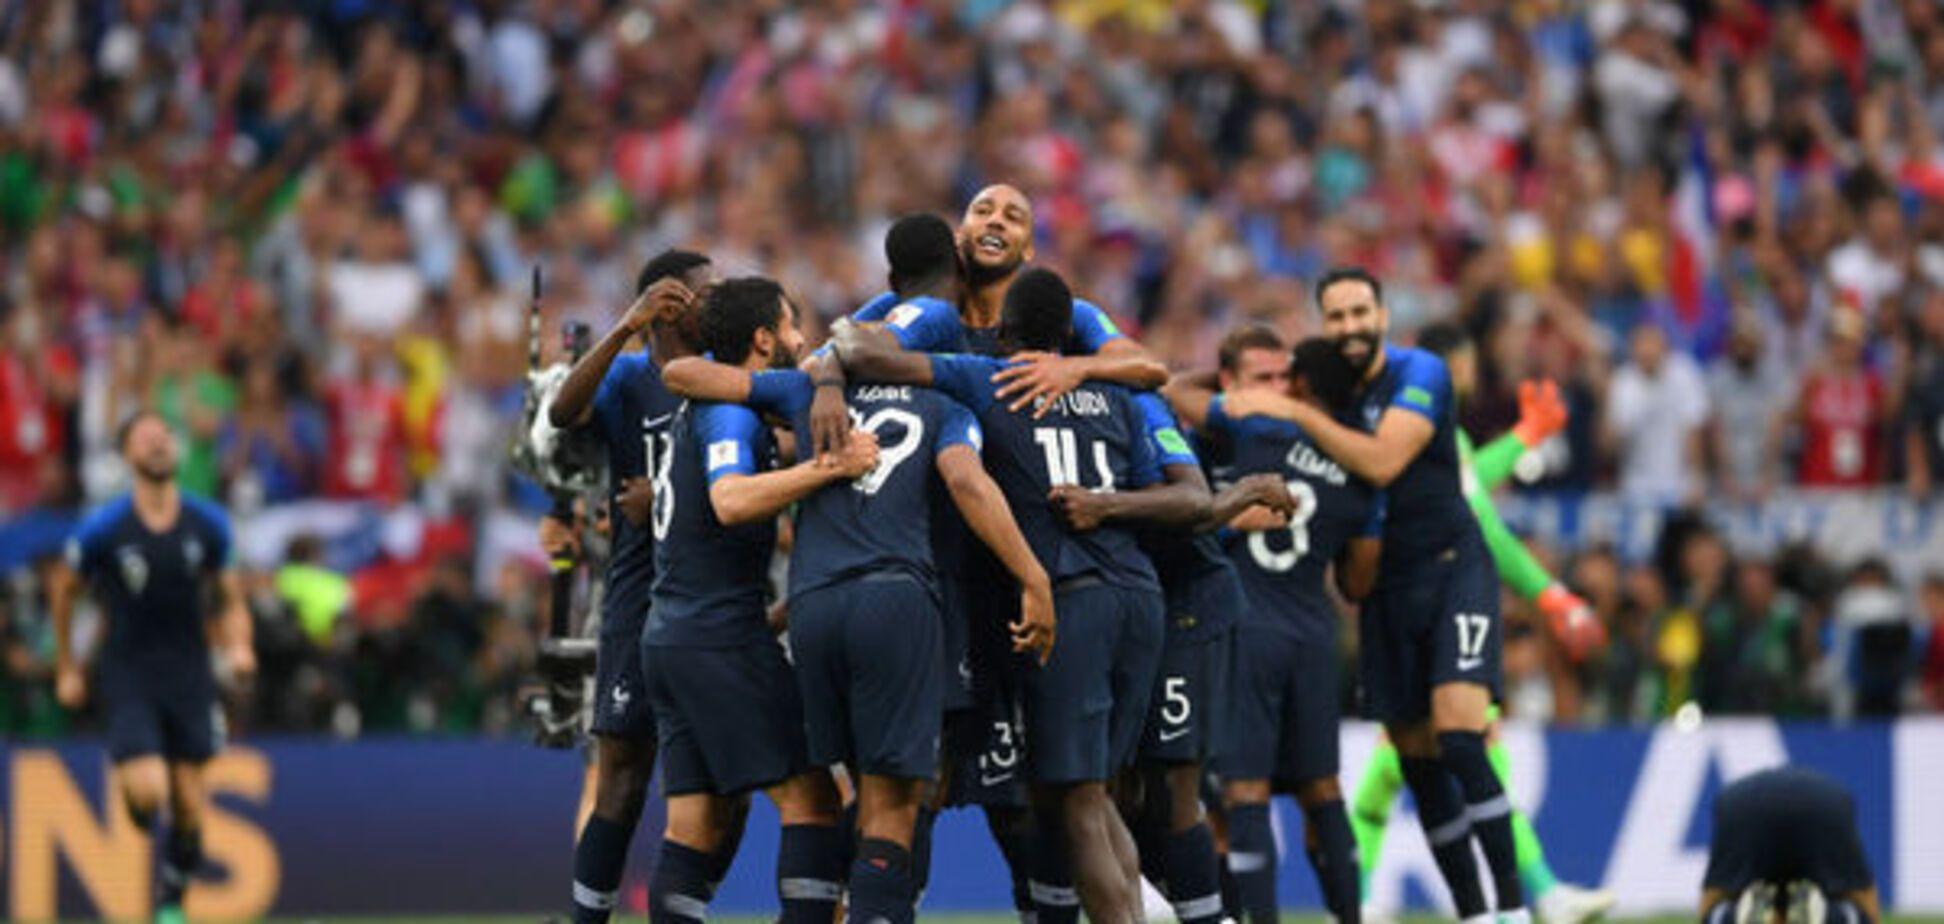 Французы чемпионы, а хорваты выиграли сердца и уважение